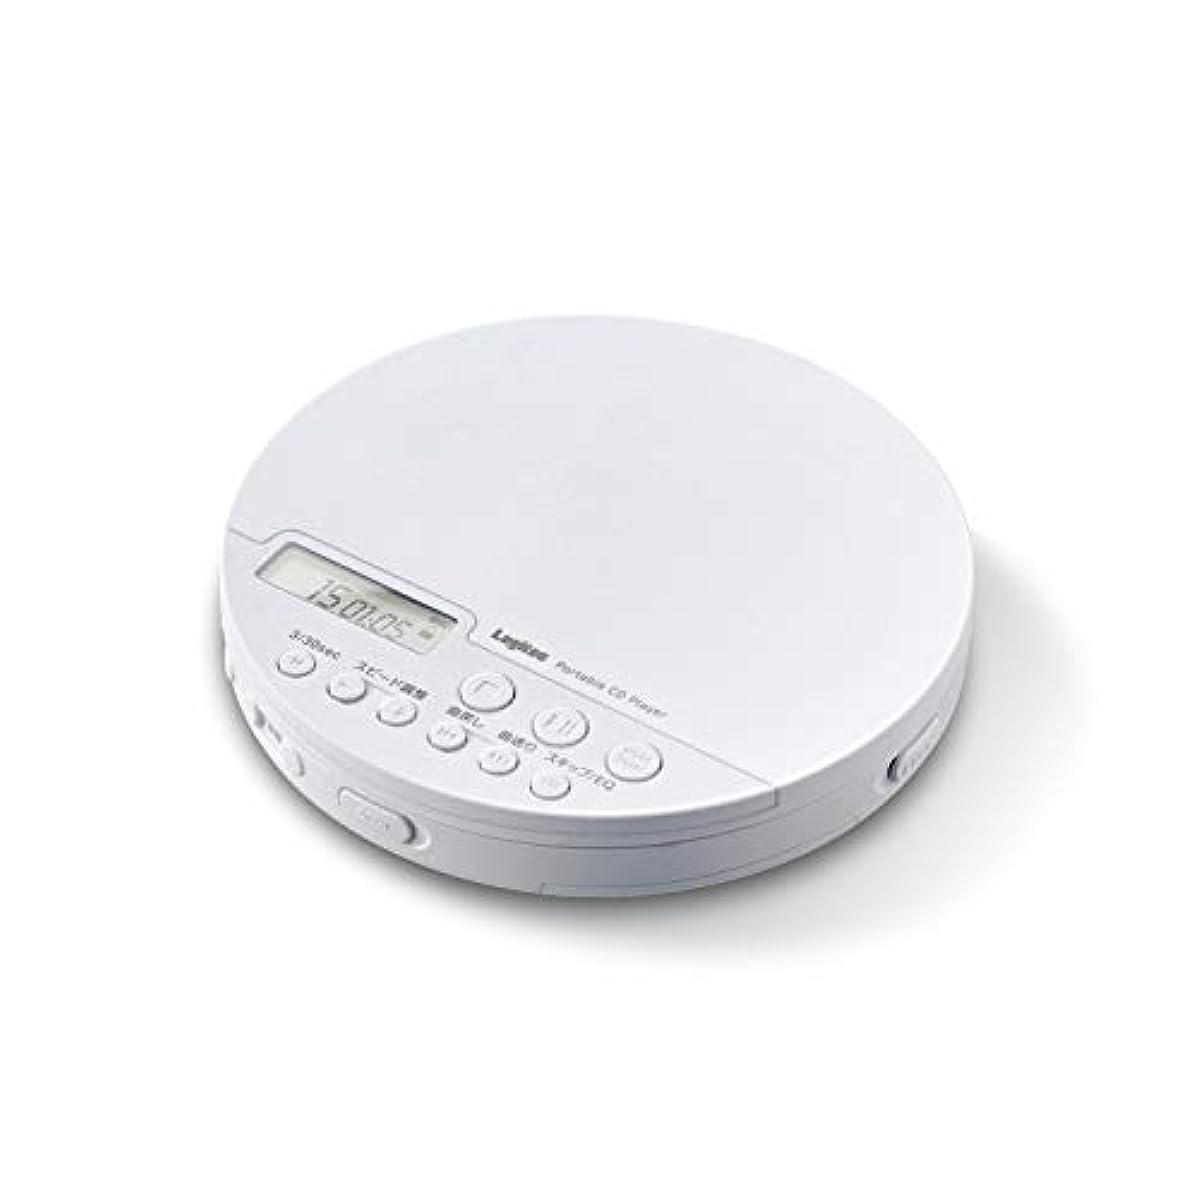 [해외] 로지텍 블루투스 CD 플레이어 LCP-PAP02BWH